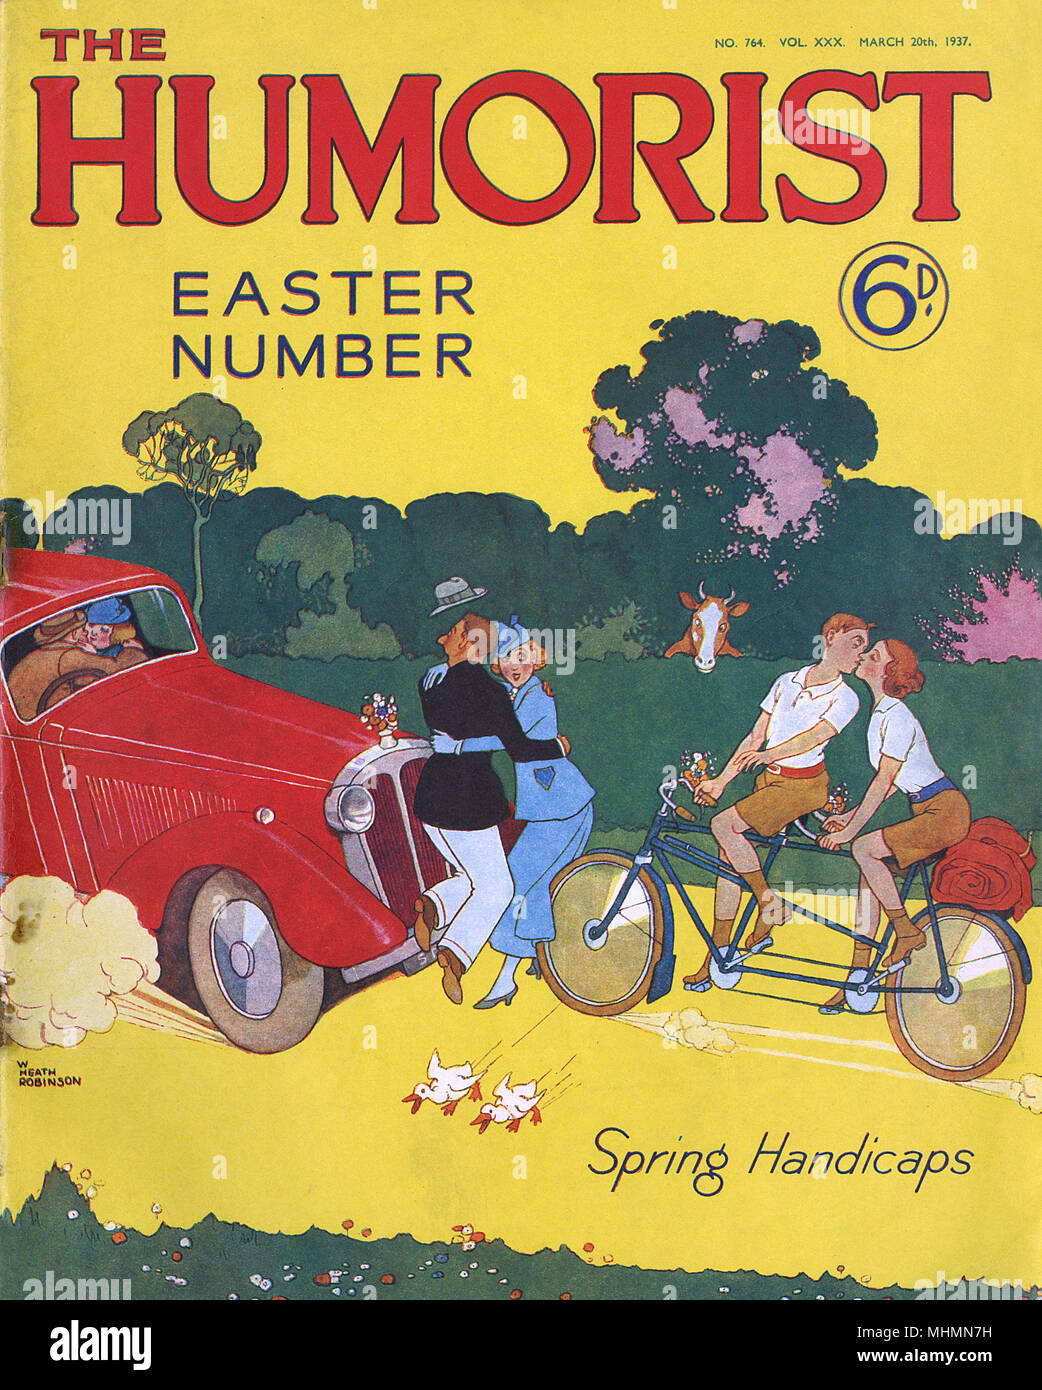 Handicaps du printemps. Couverture du magazine l'humoriste doté d''une superbe caricature de William Heath Robinson montrant le chaos créé sur les routes par des romances de printemps. Date: 1937 Photo Stock